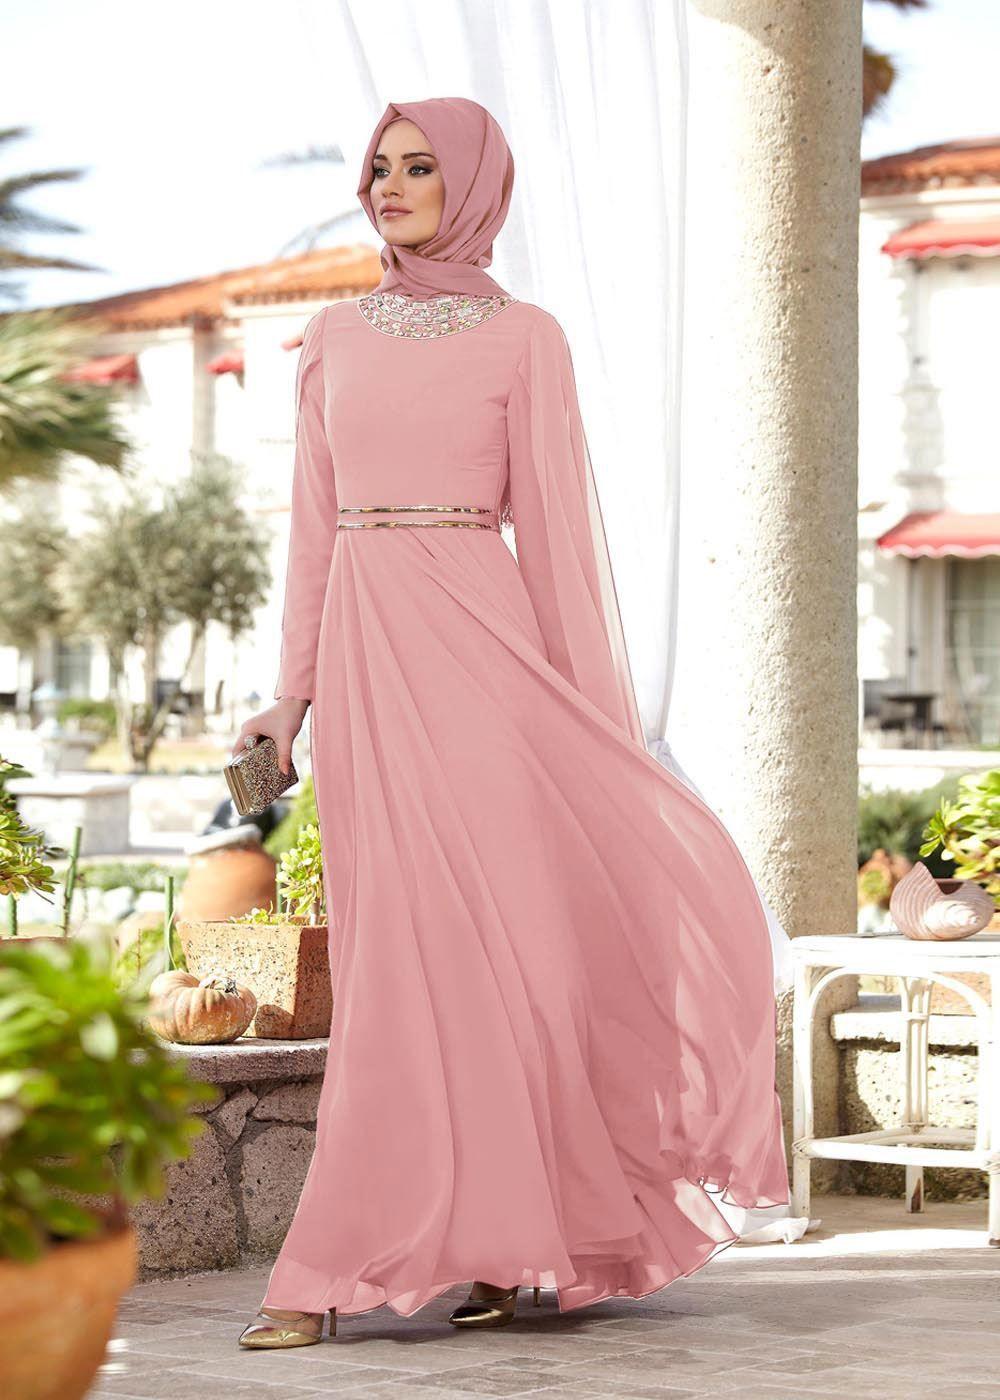 7441726e7d043 Tesettür Mezuniyet Elbiseleri Genelde Genç Bayanların Tercihleri Arasında  Yer Alan Çoğunlukla Abiye Modellerinden Oluşan Elbiselerdir.